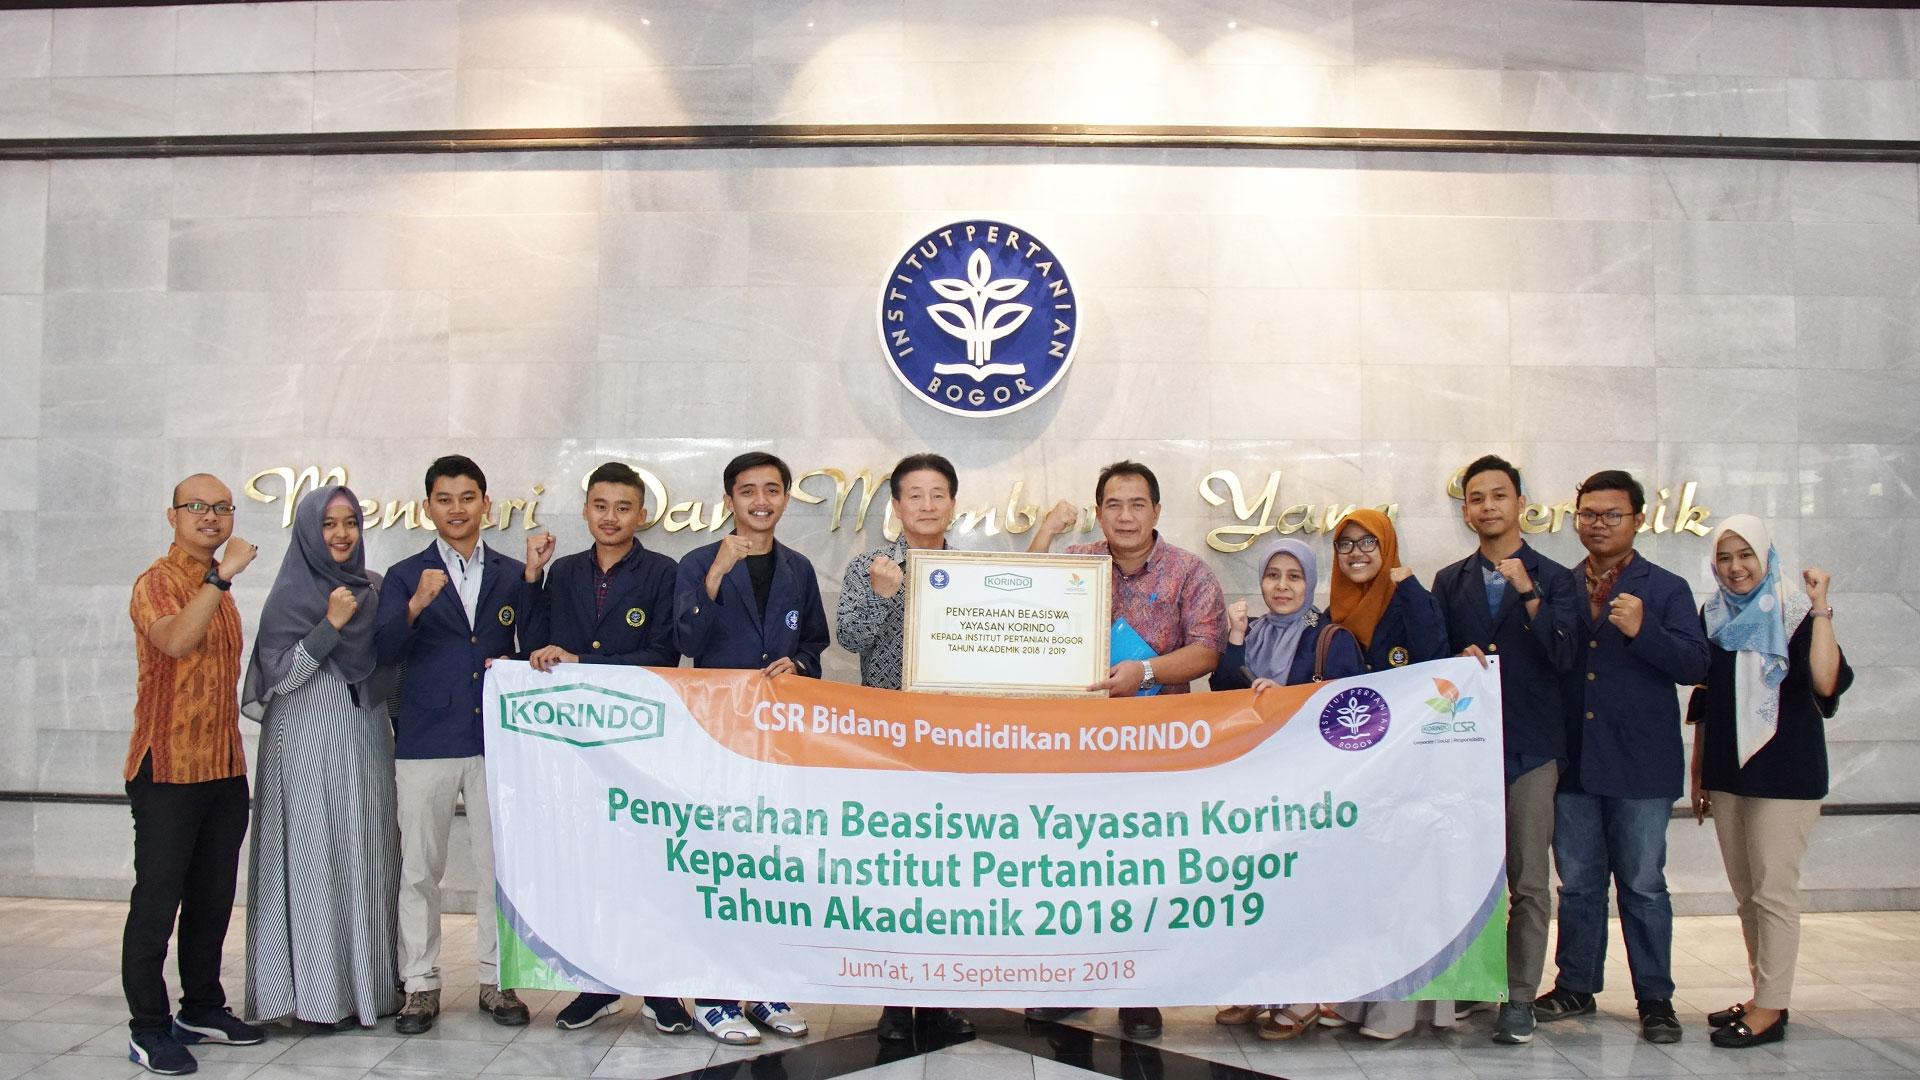 KORINDO Scholarship for the Nation's Children